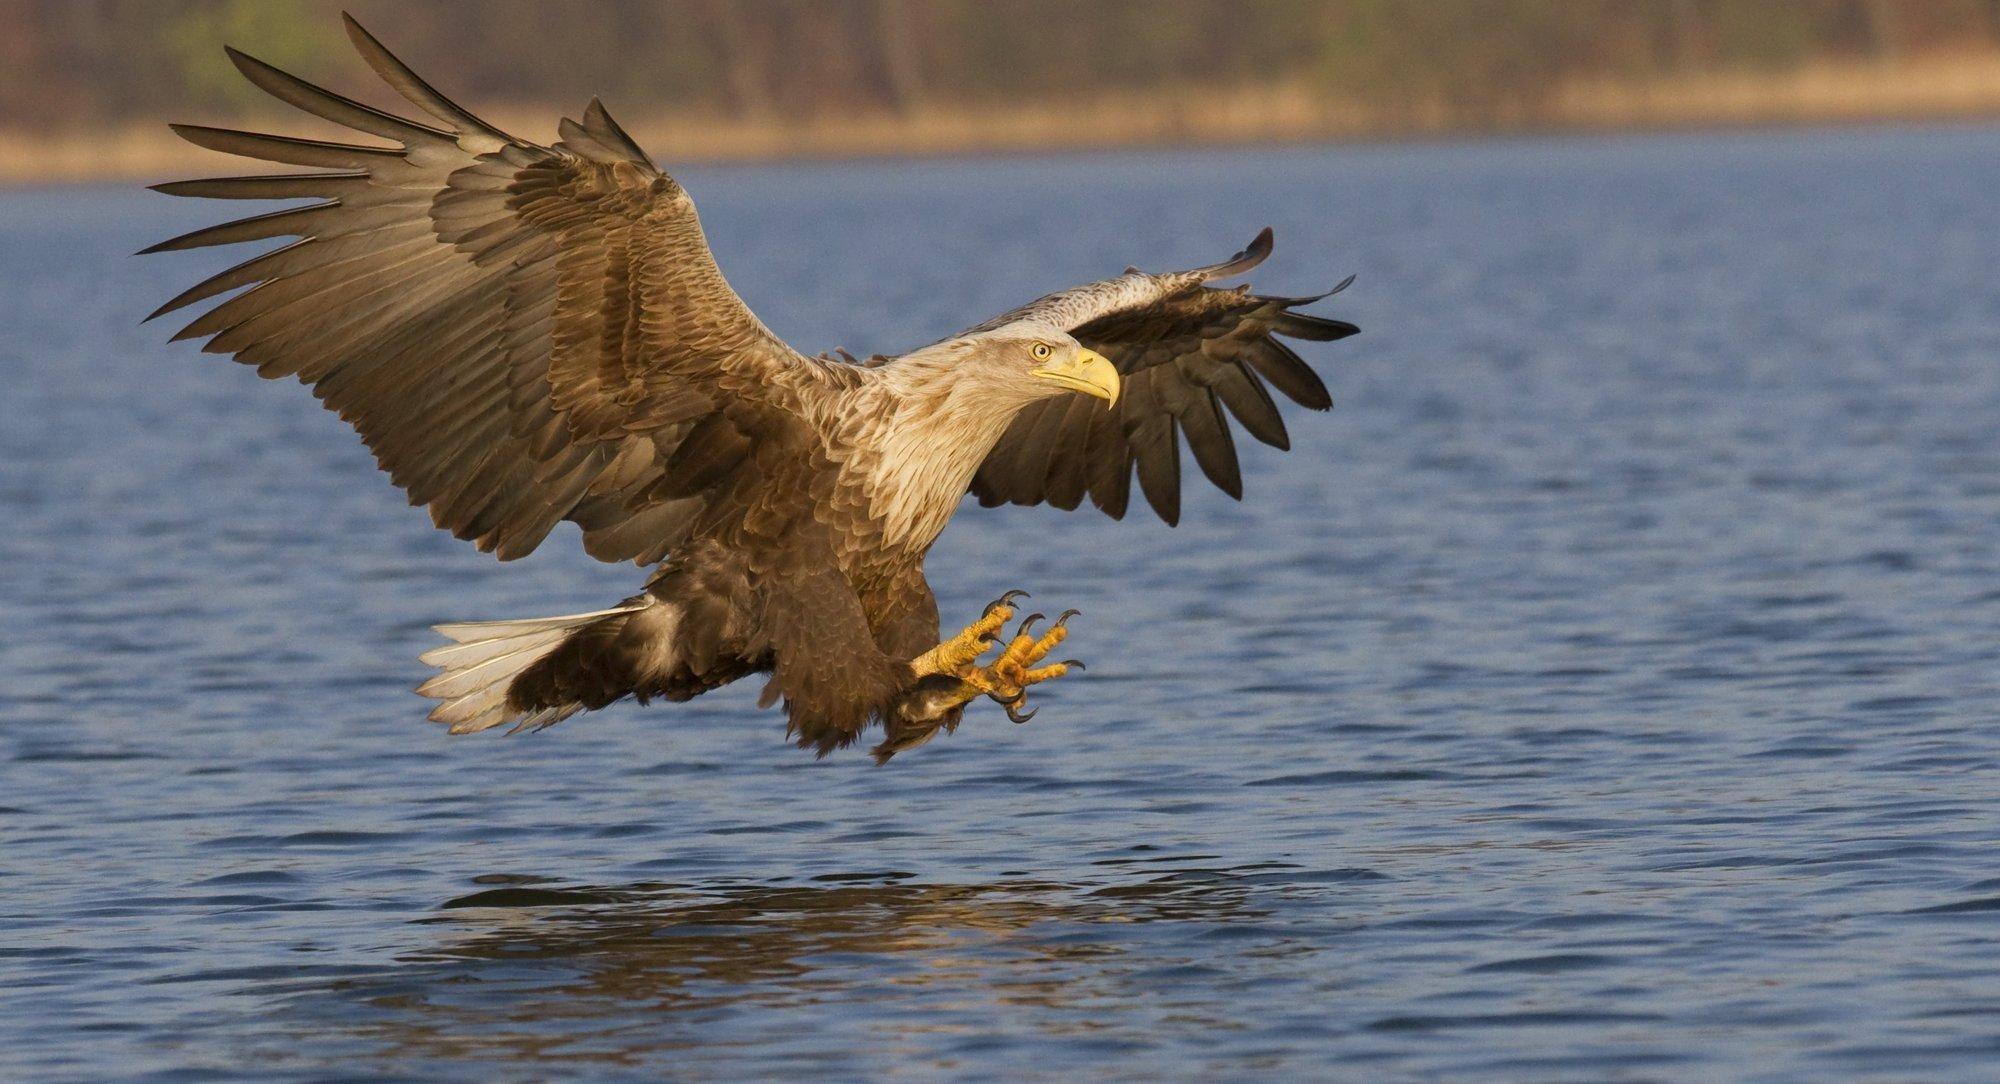 Ein Seeadler stößt mit nach vorne gestreckten Beinen auf die Wasseroberfläche eines Sees herab, um einen Fisch zu erbeuten